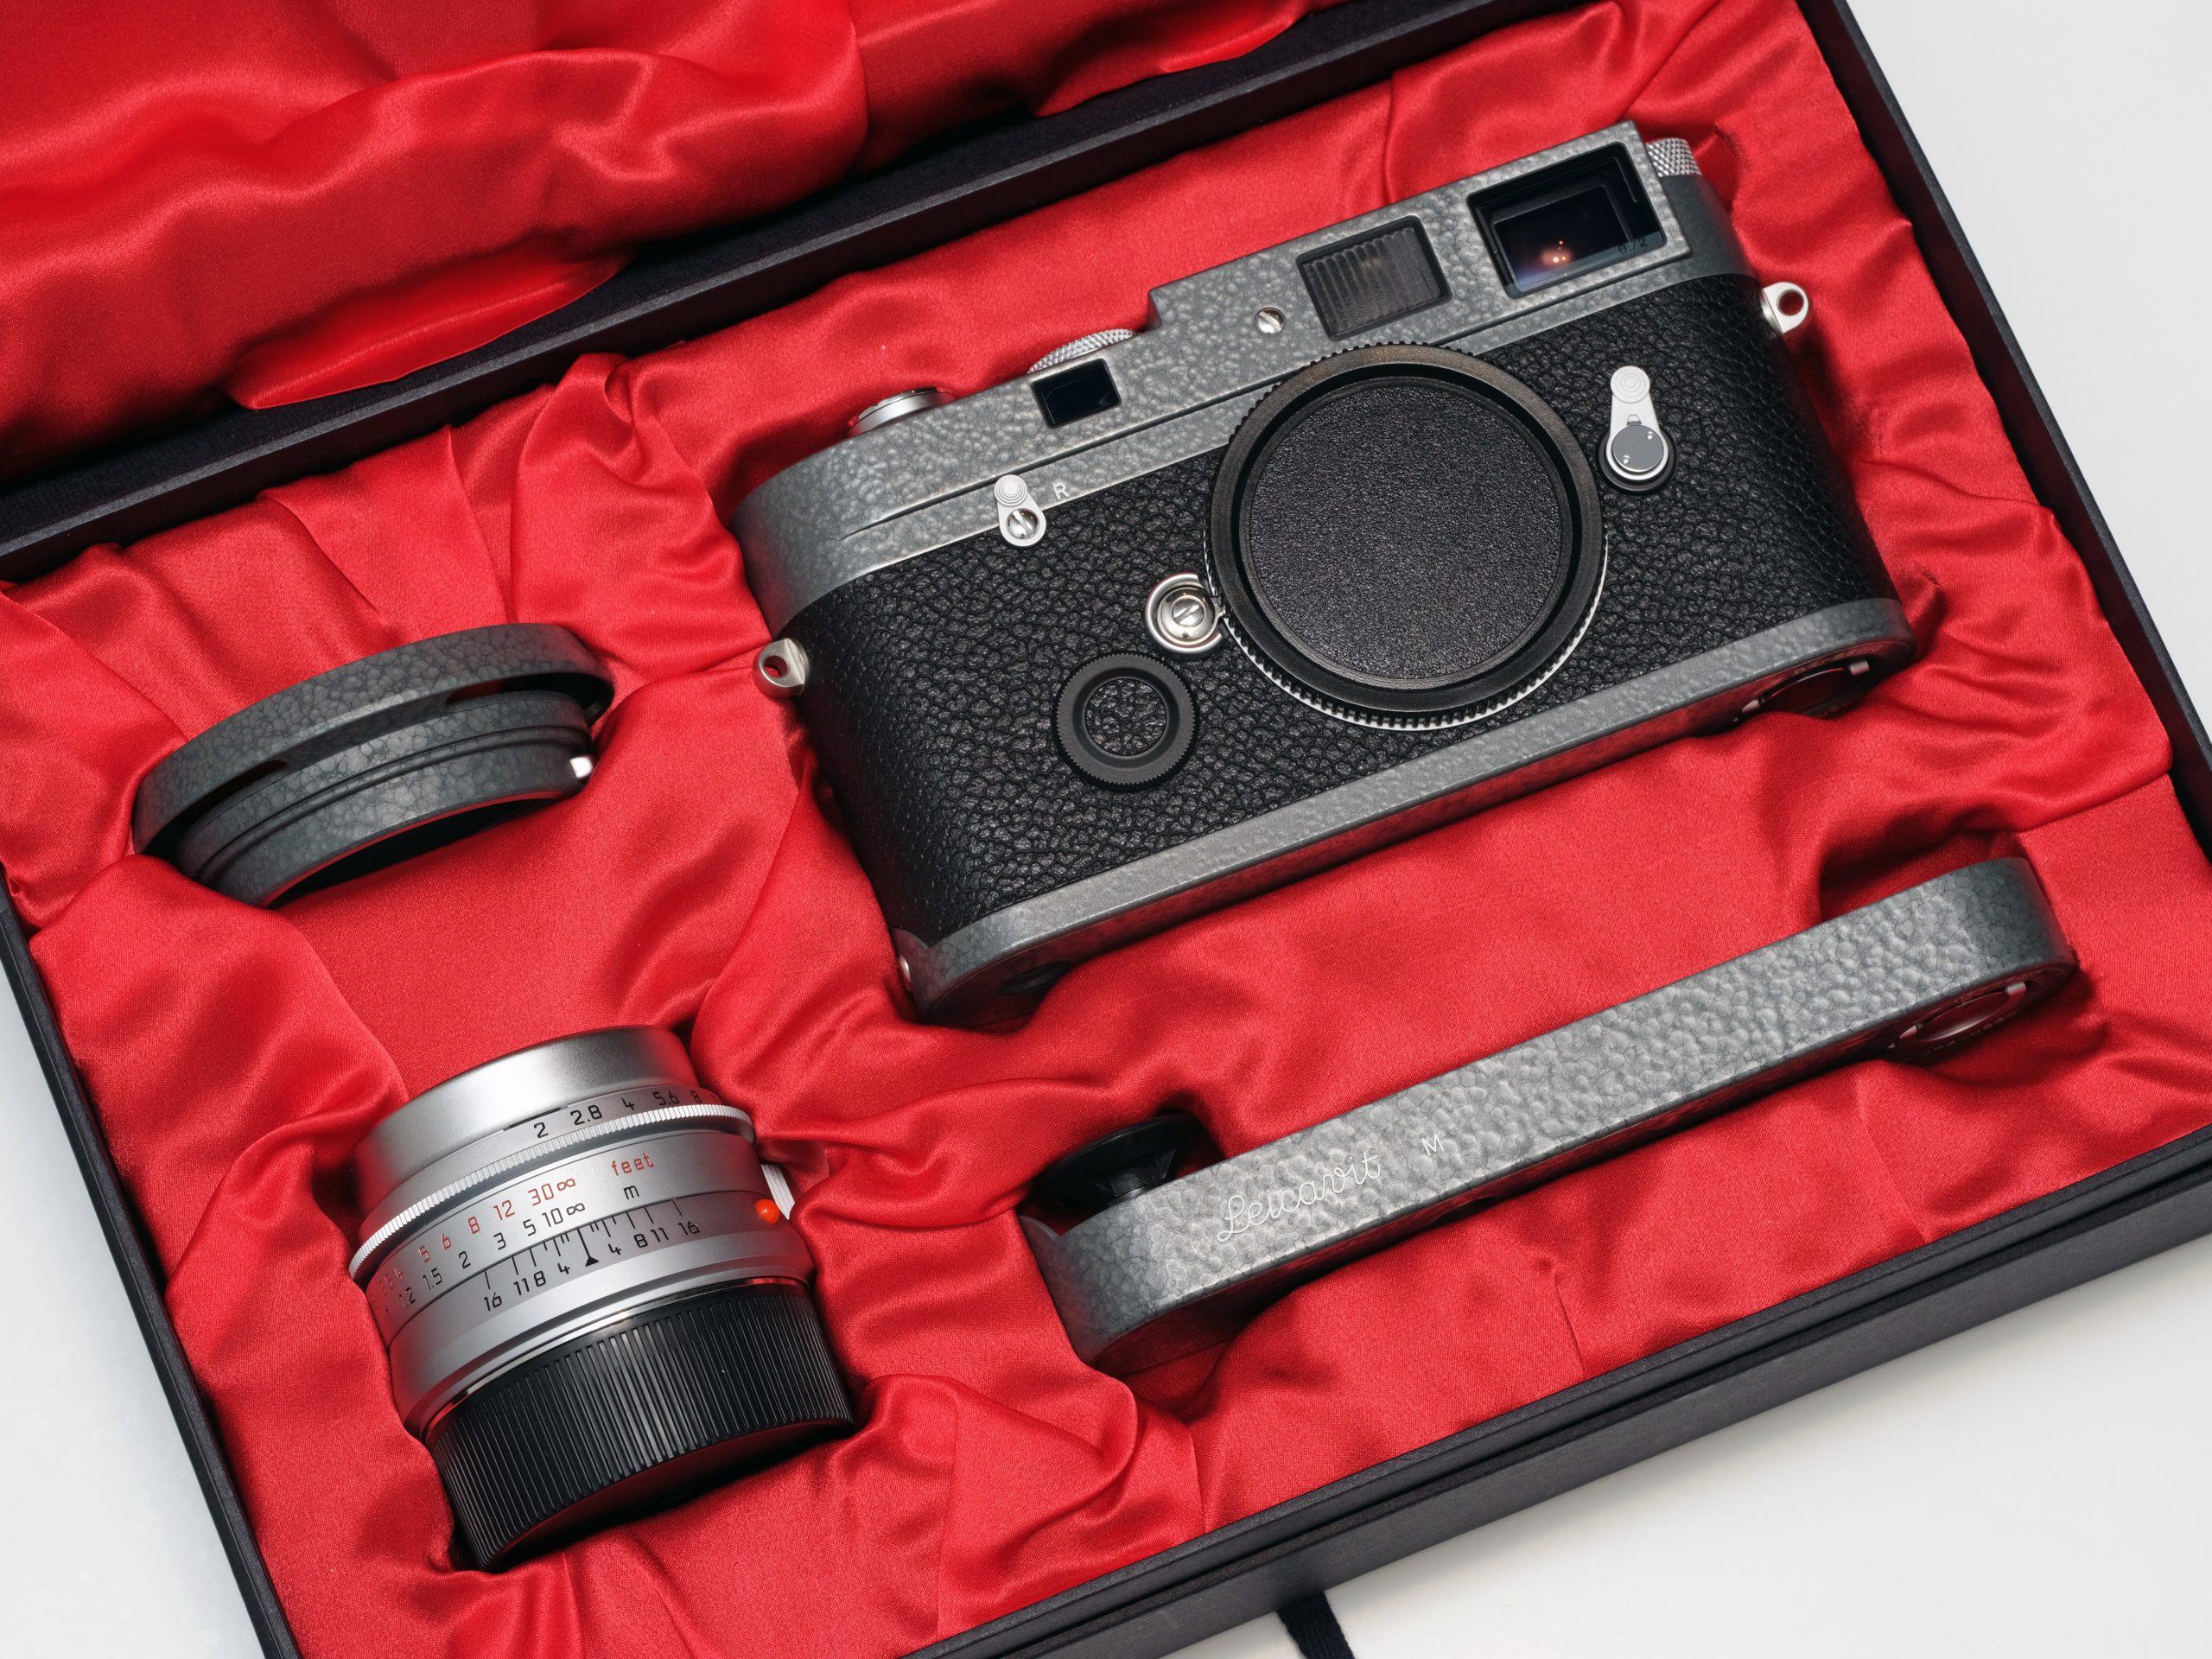 【Leica】実用性と伝統を兼ね備えた特別モデル